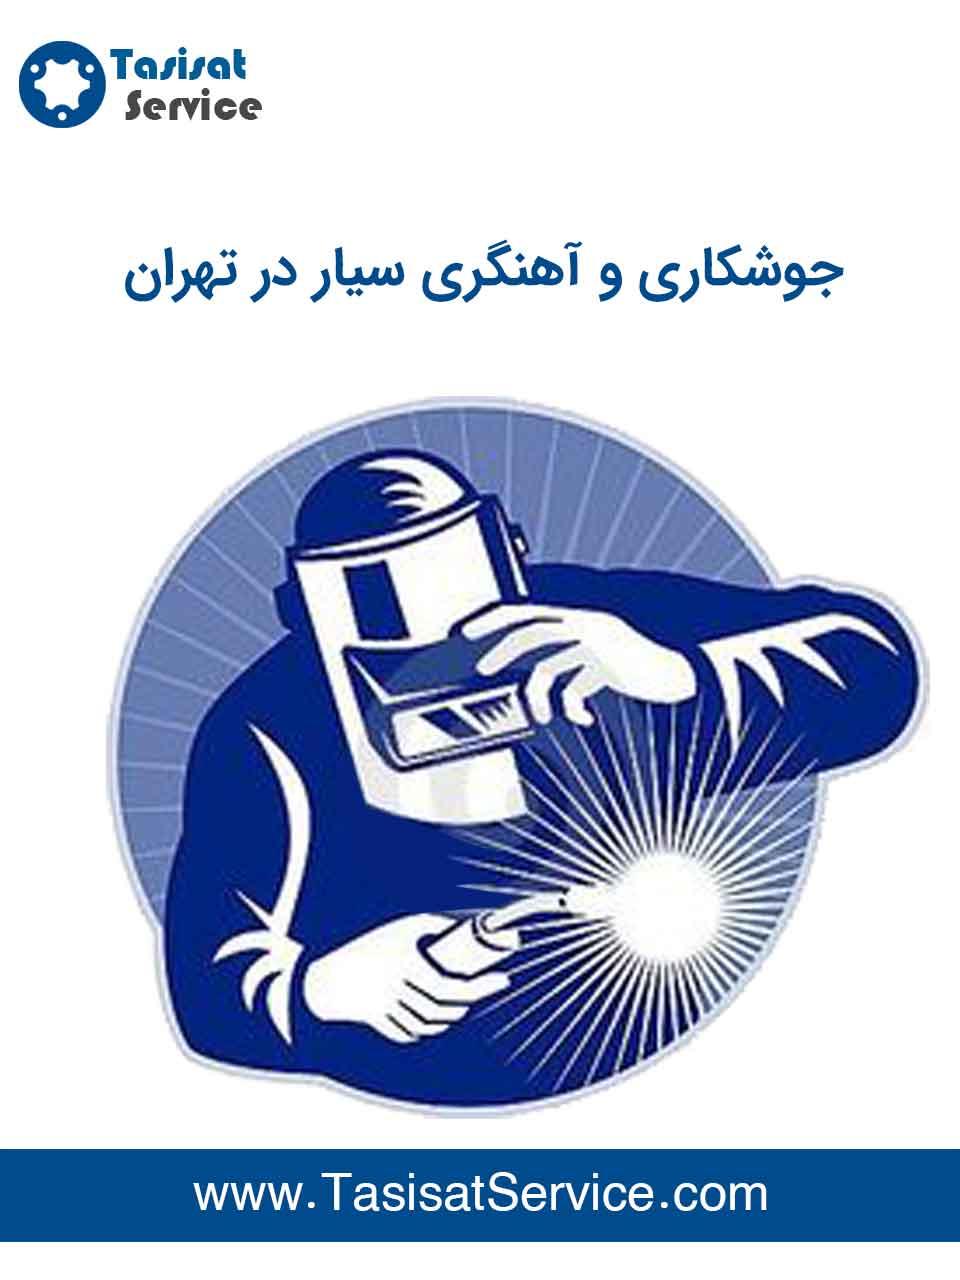 جوشکاری سیار تهران - آهنگری سیار تهران